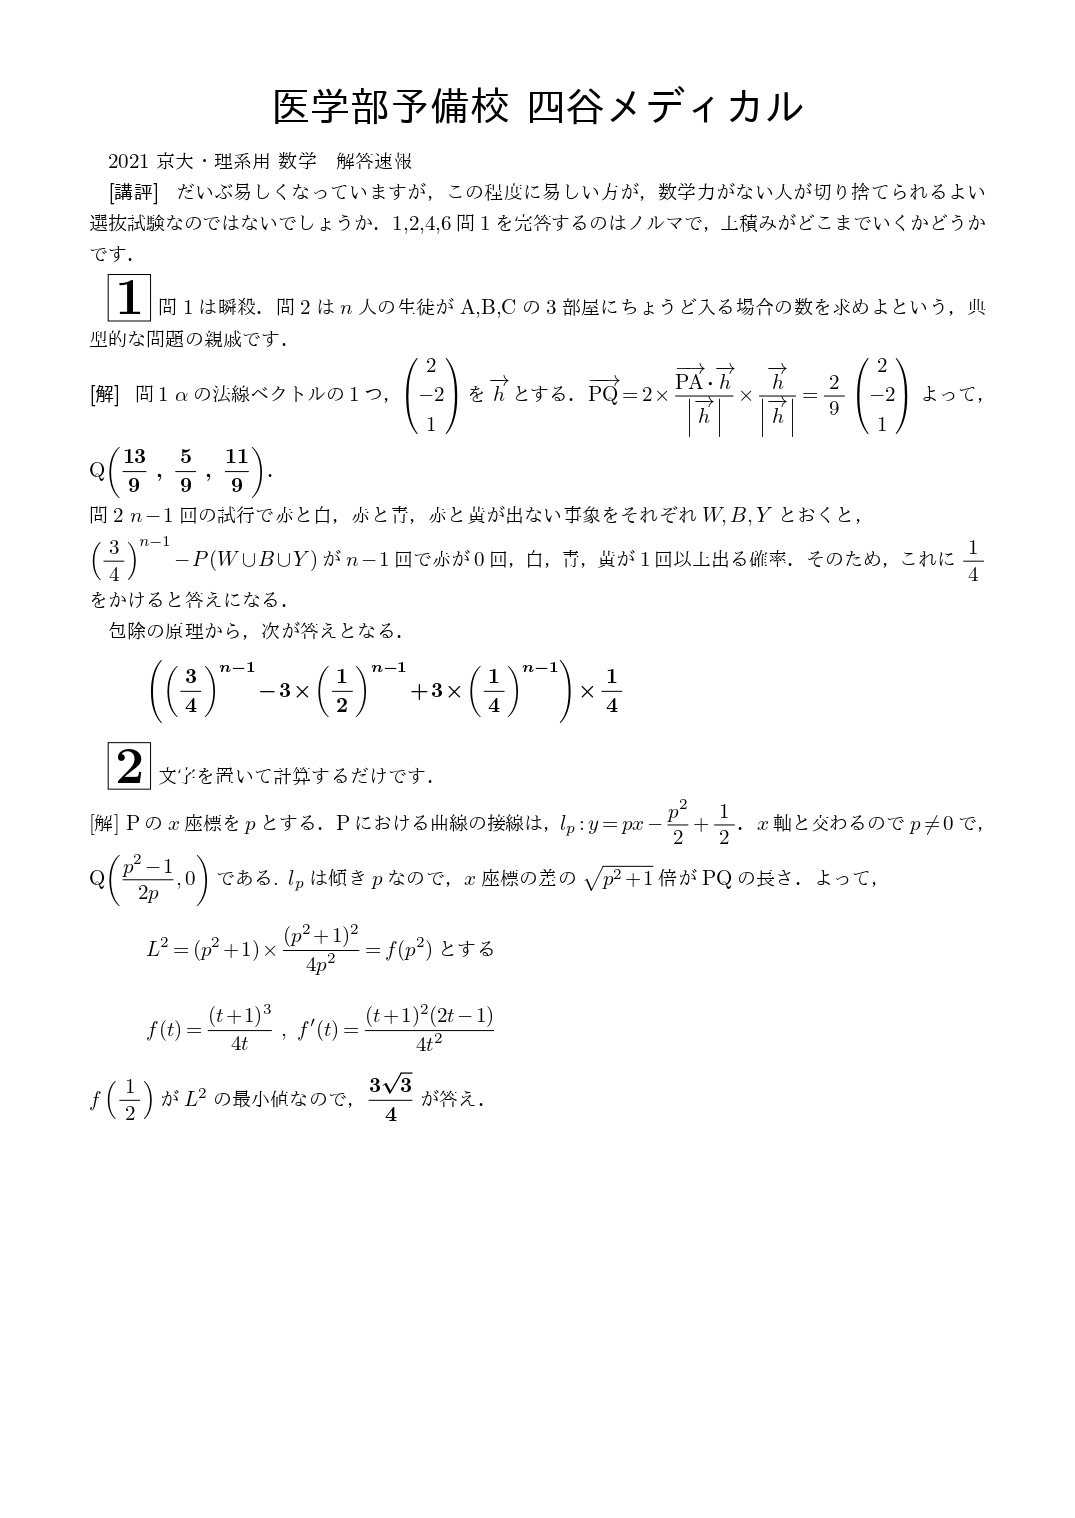 2021年2月25日 京都大学(理系)数学 解答速報